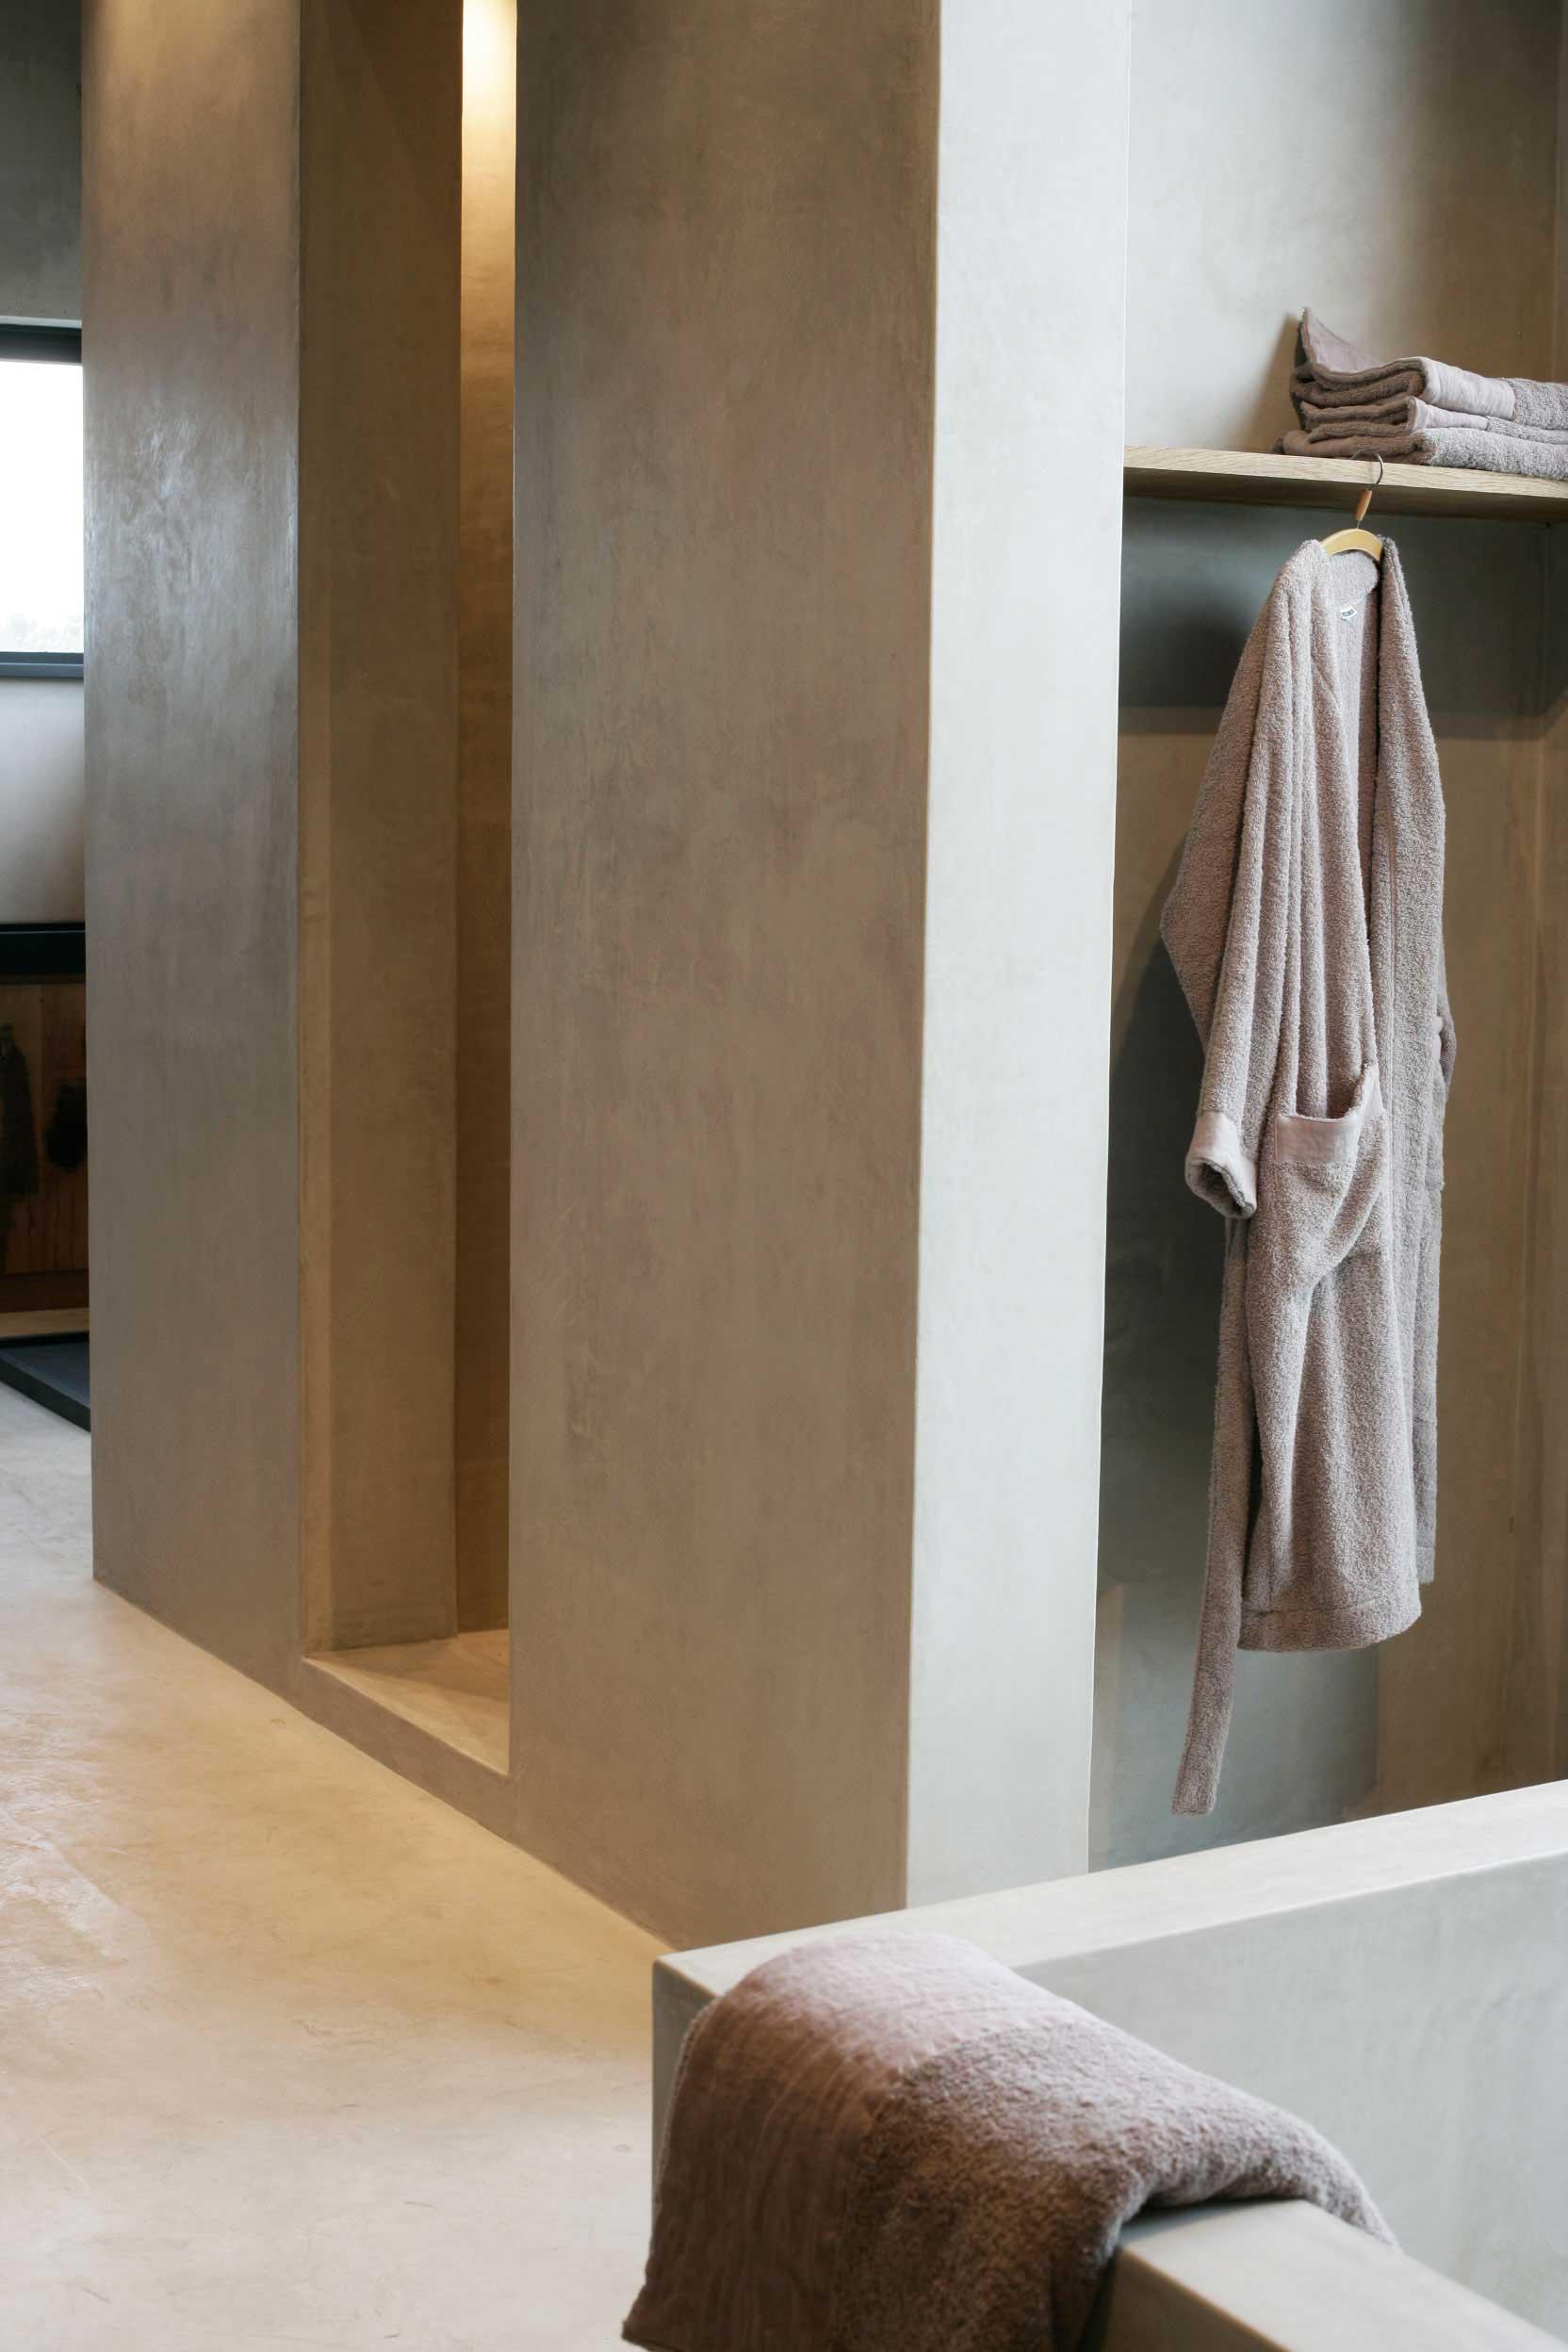 realizzazione bagni moderni | sweetwaterrescue - Realizzazione Bagni Moderni